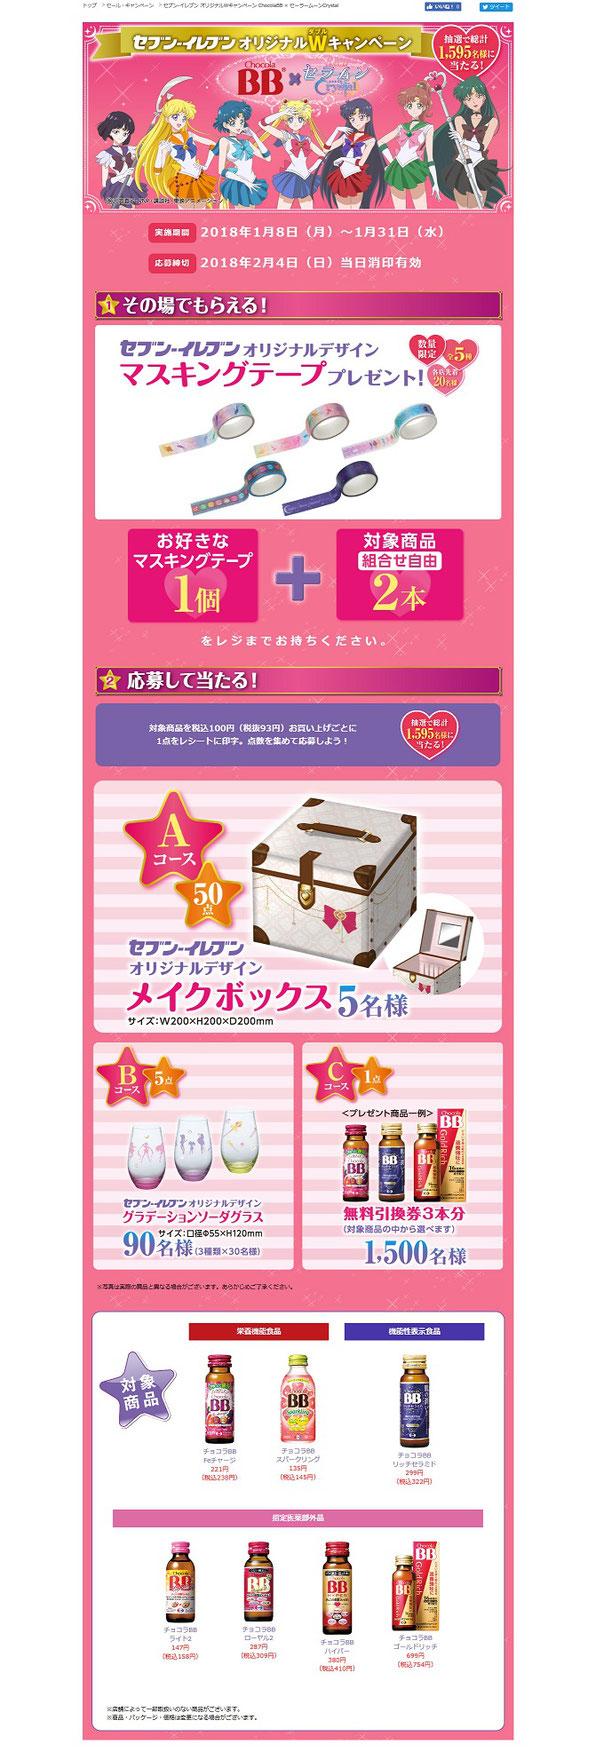 【エーザイ】ChocolaBB × セーラームーンCrystal コラボキャンペーン